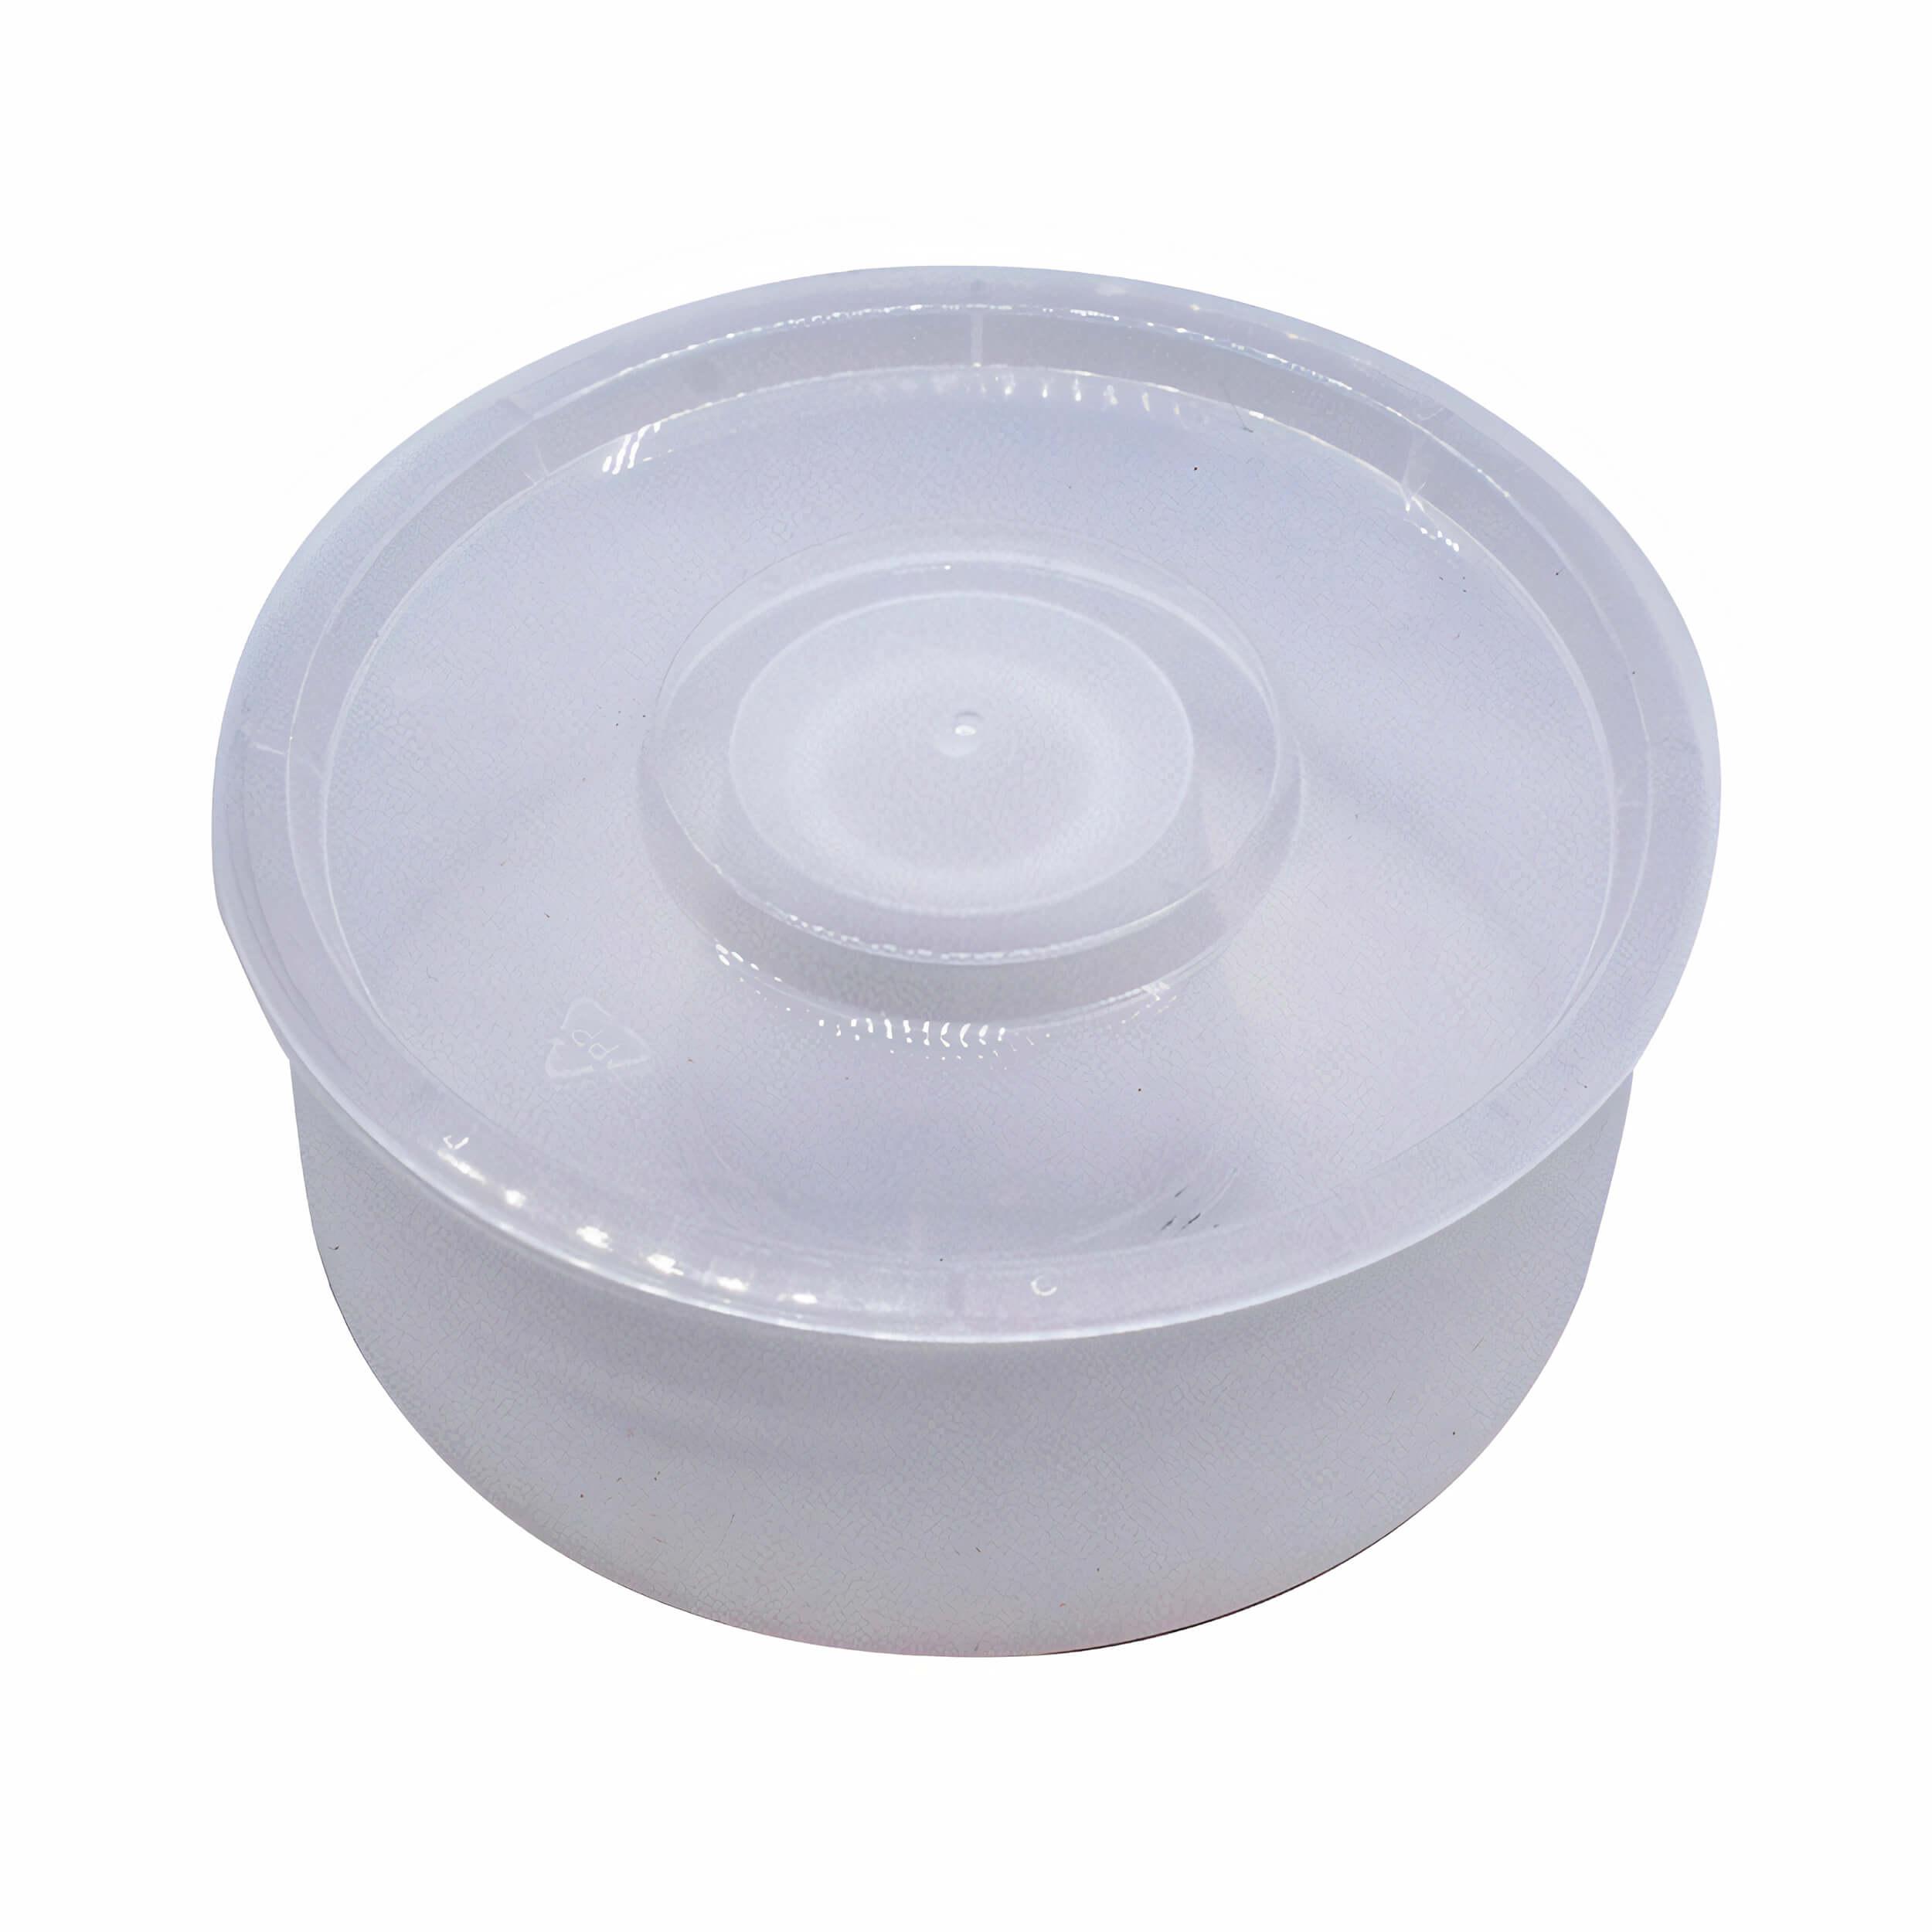 Кормушка для пчел надрамочная круглая пластиковая (на 2.3 литра) фото